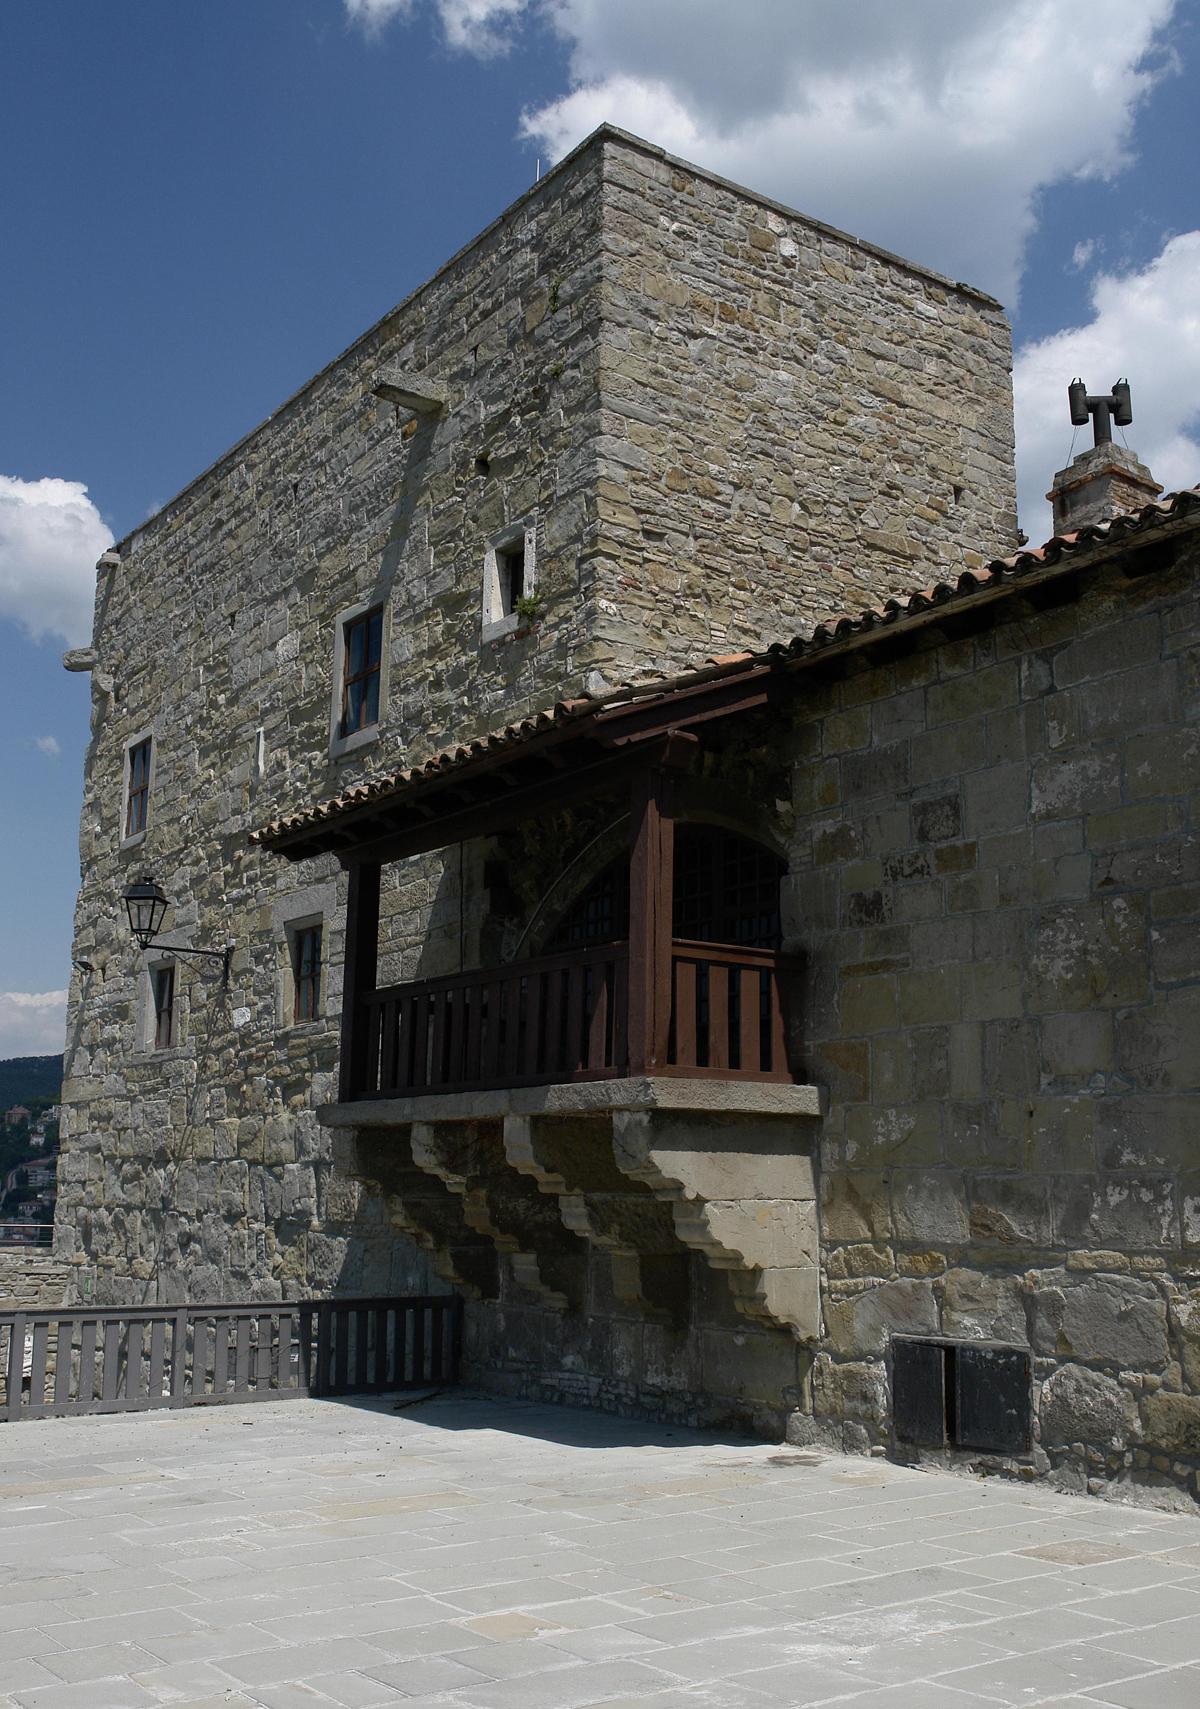 Castello di san giusto comune di trieste for Case del castello francese